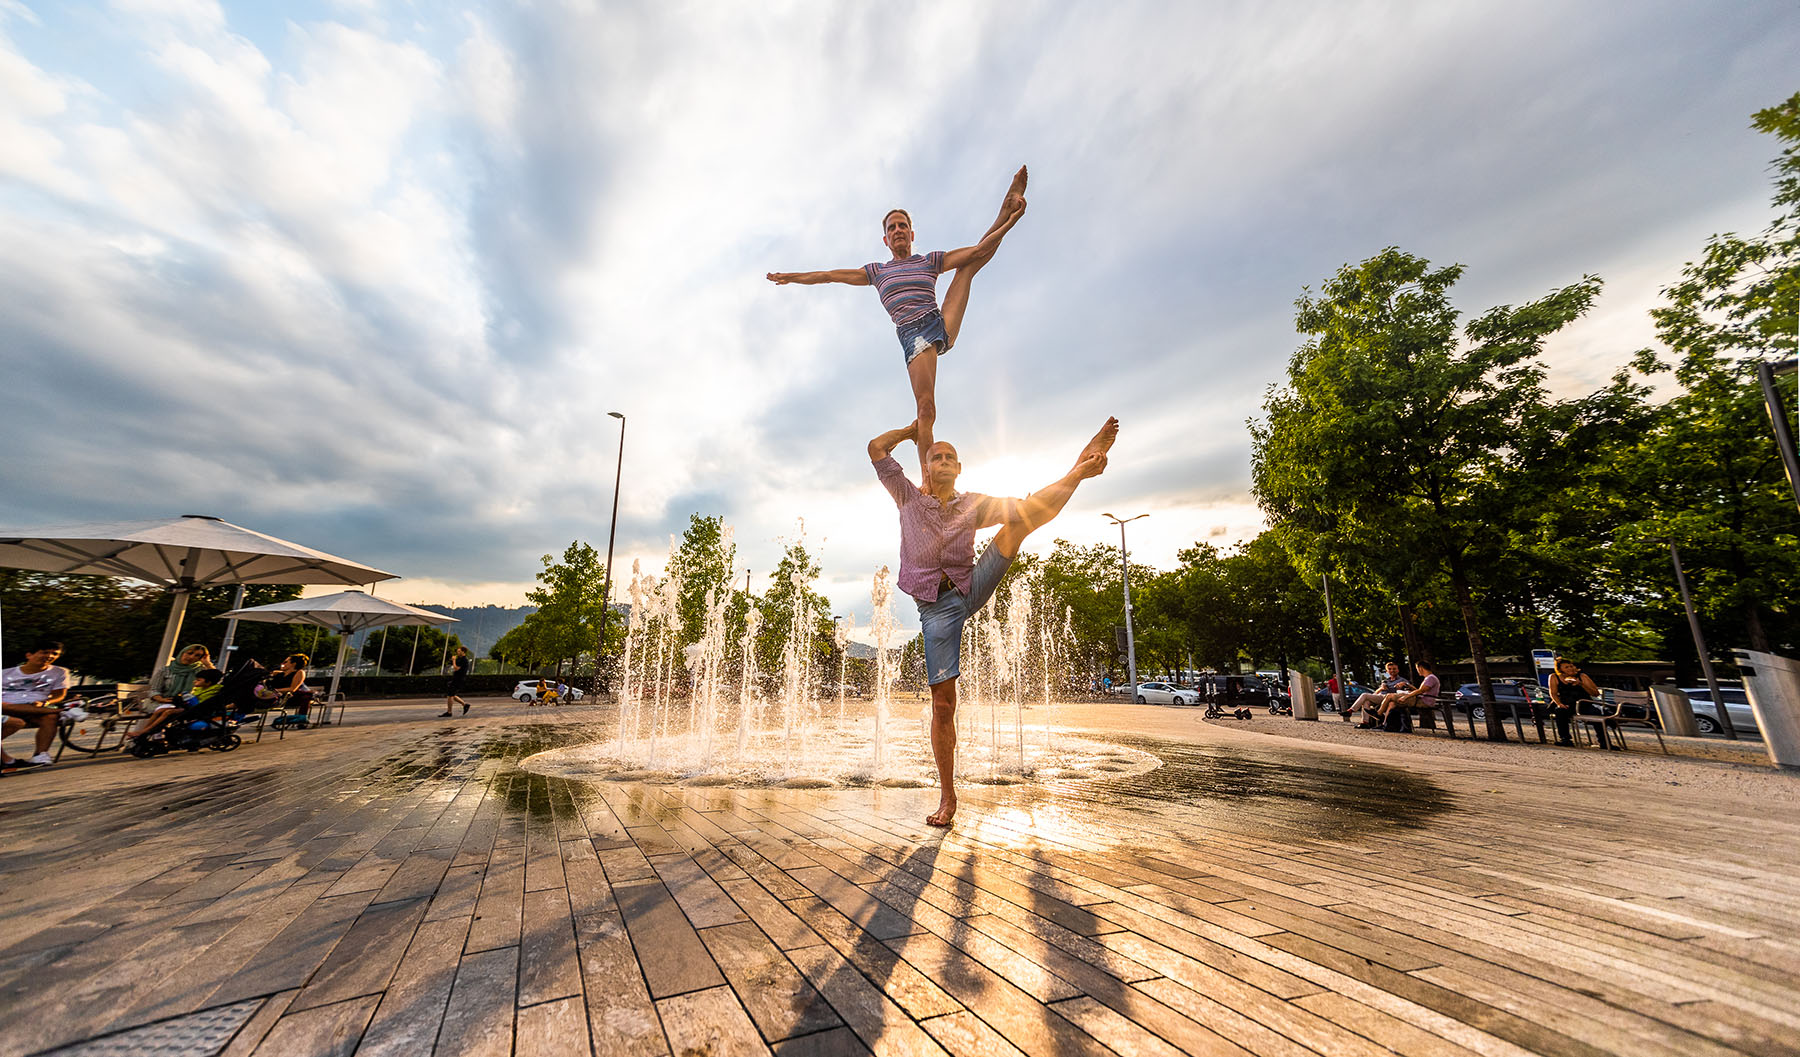 akrobatik.ch KLG, Partner-Akrobatik, AcroYoga, Dietlikon Zürich